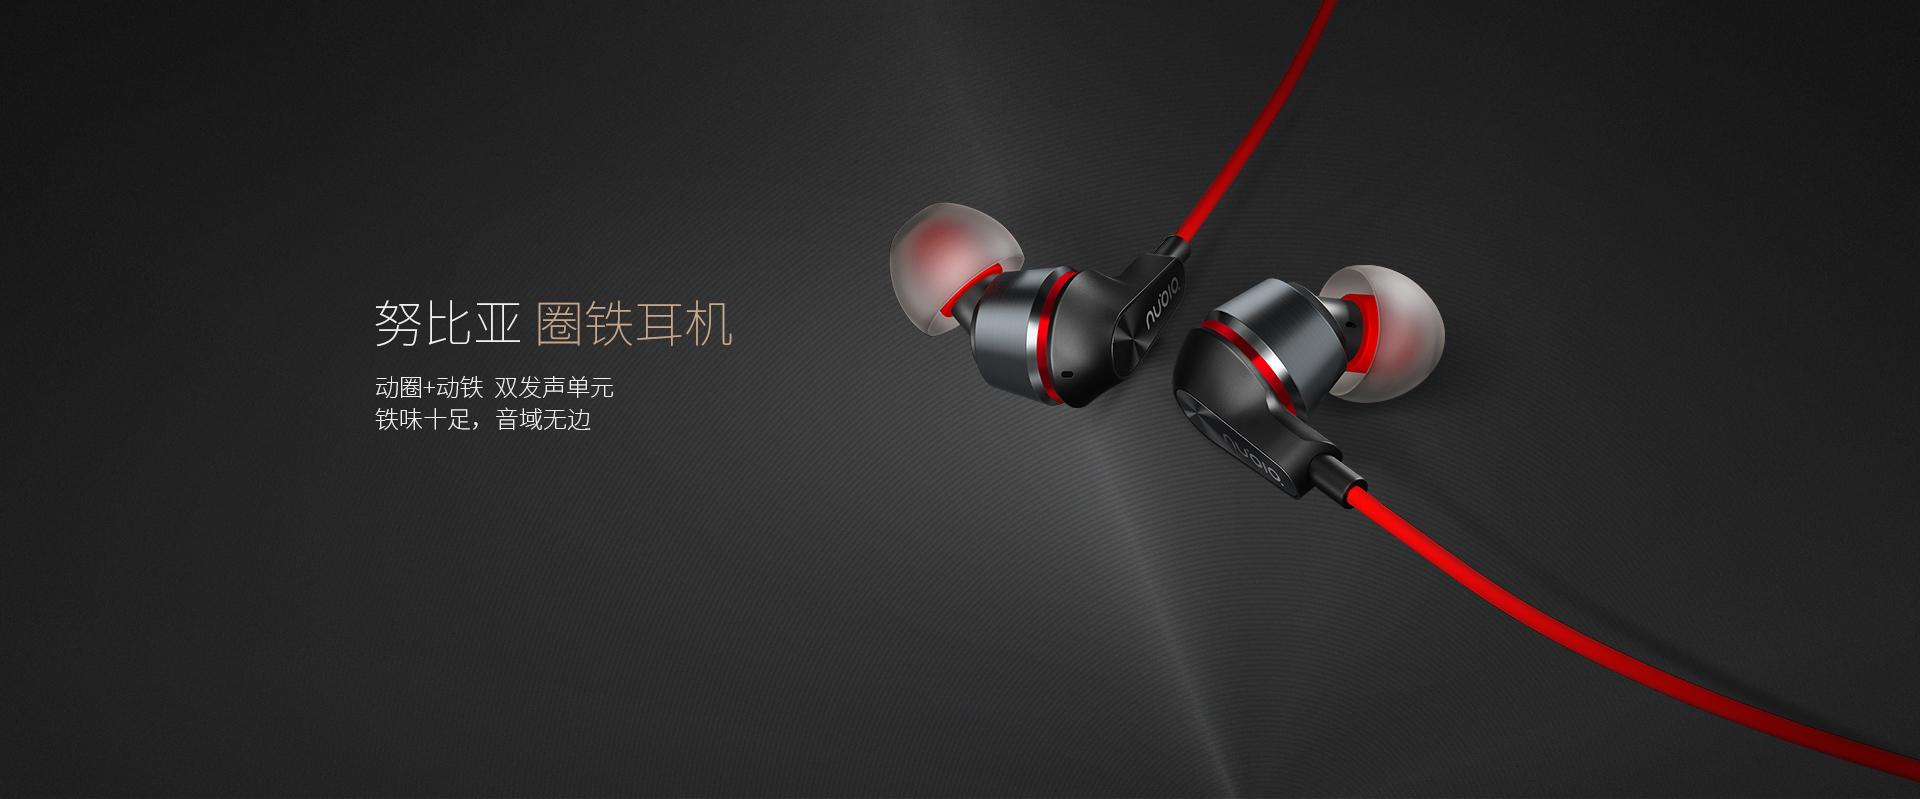 努比亚圈铁耳机